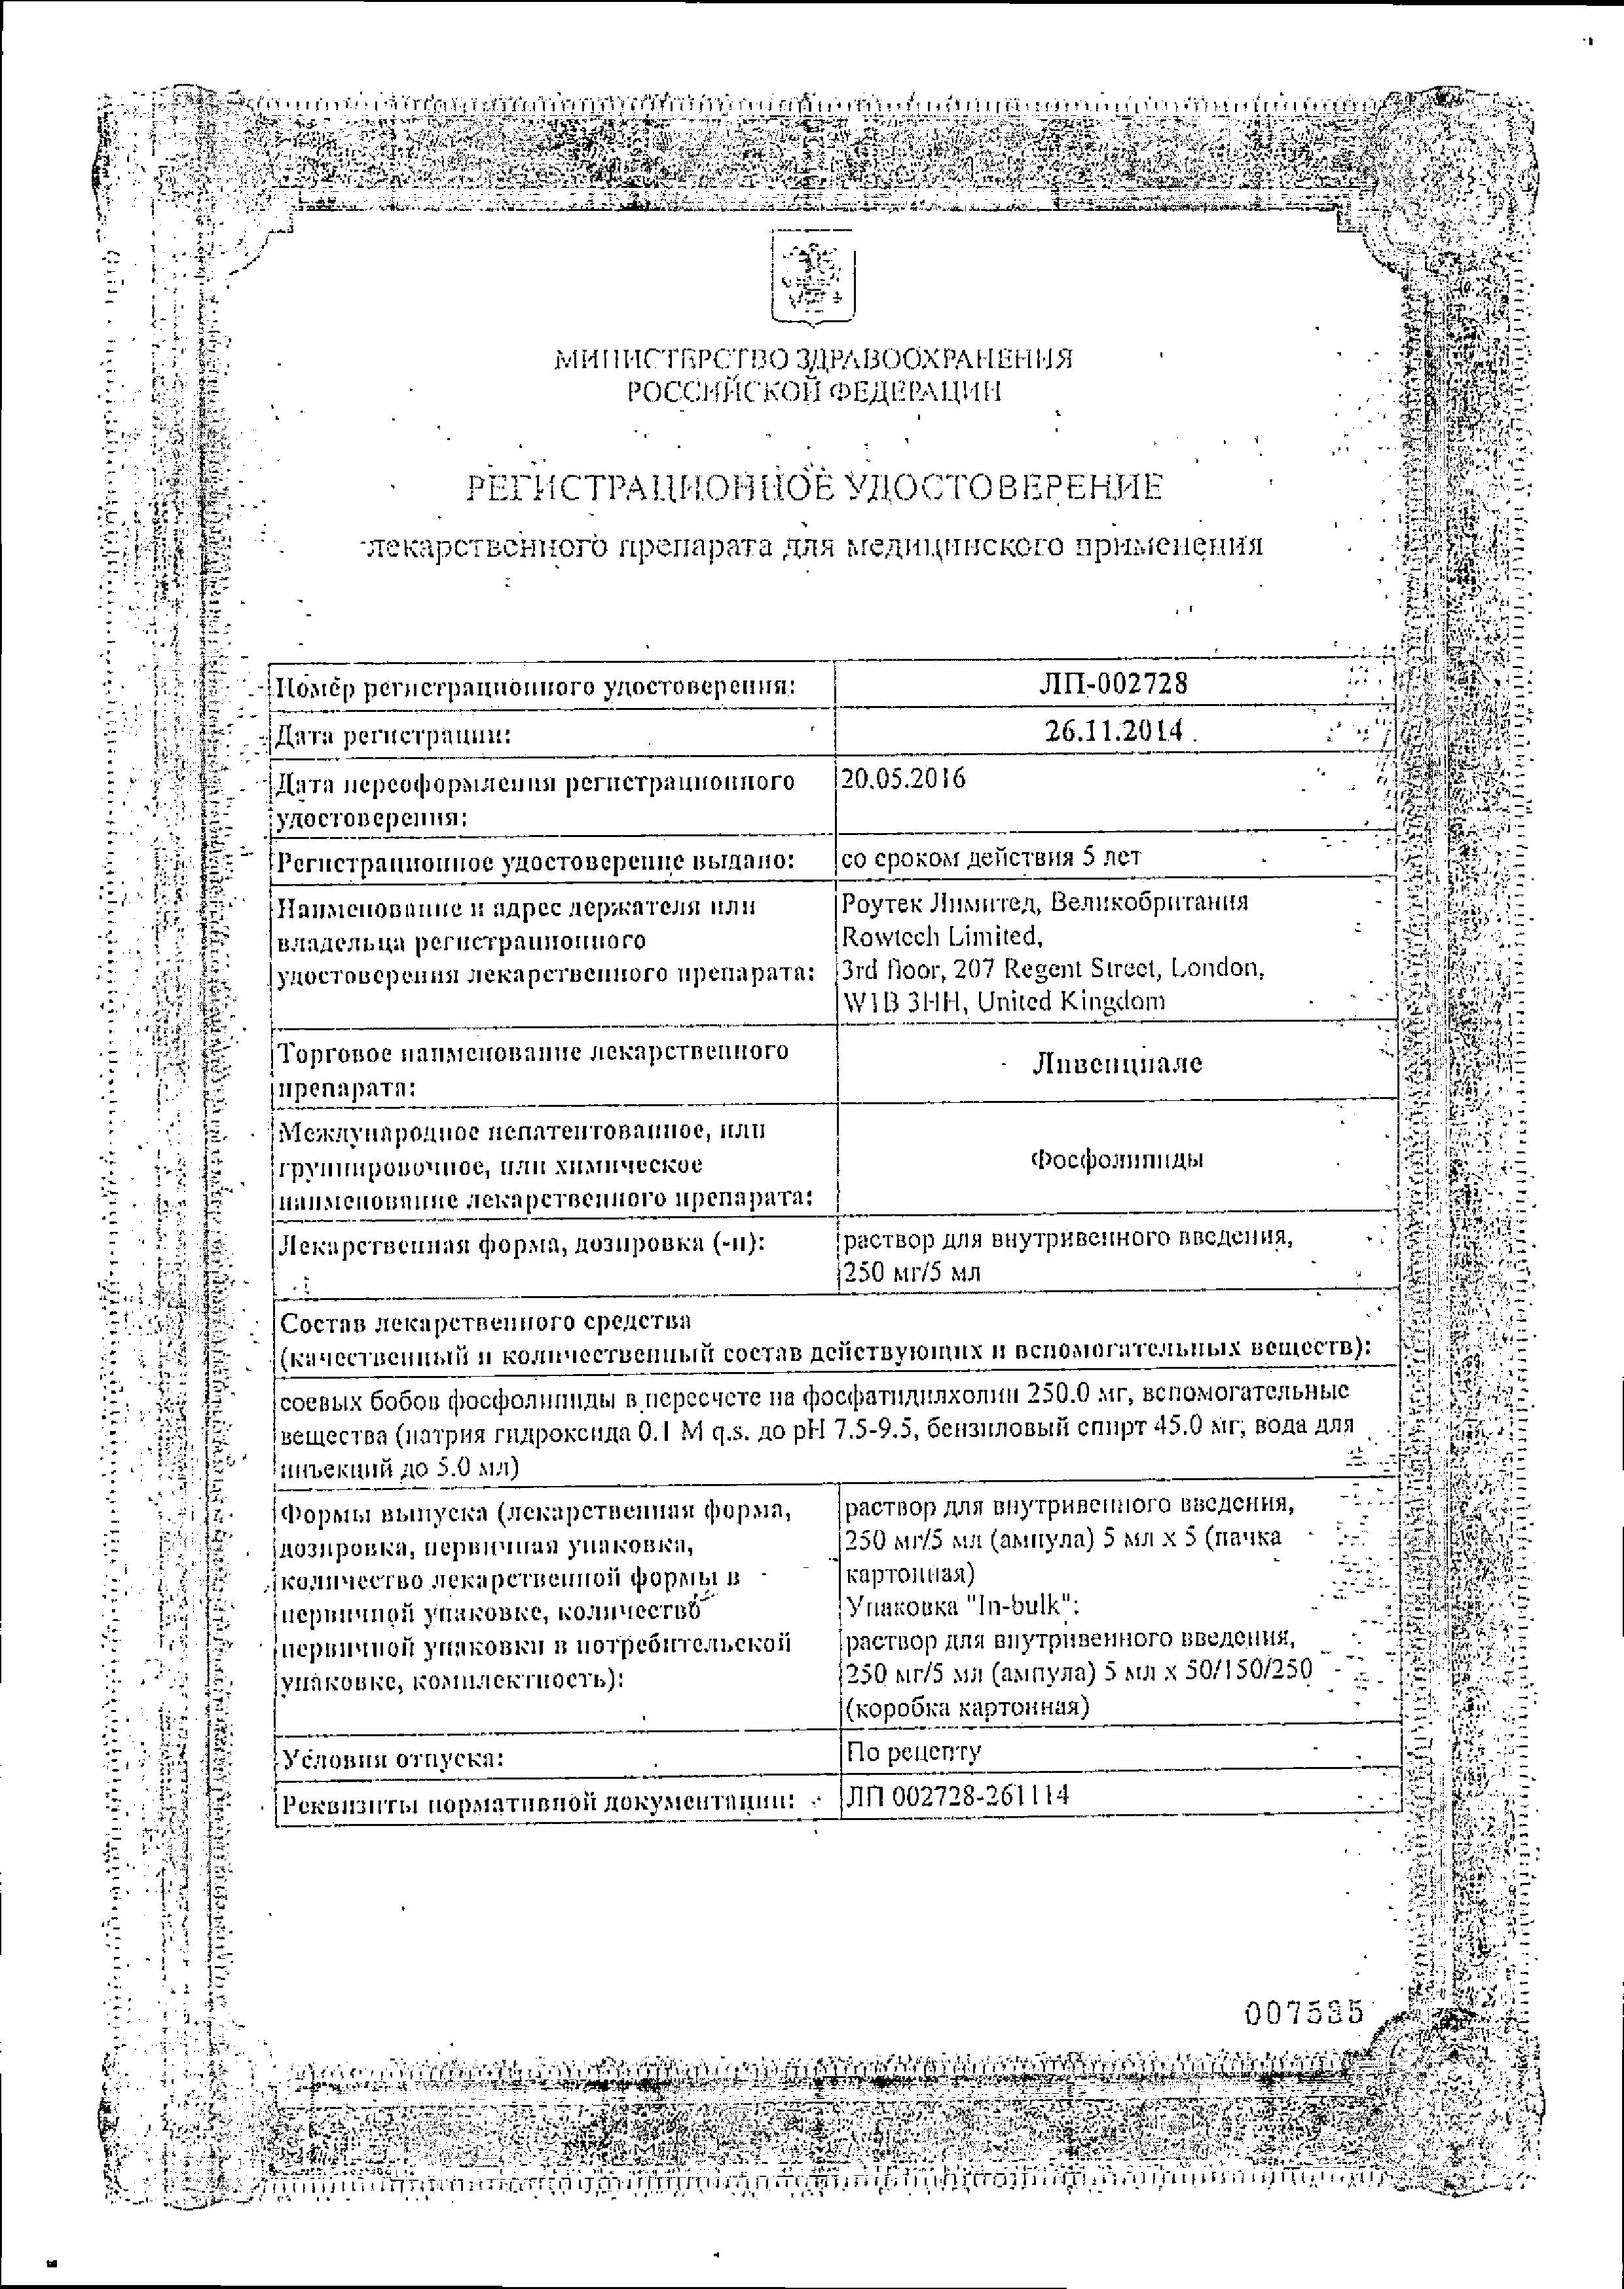 Ливенциале сертификат